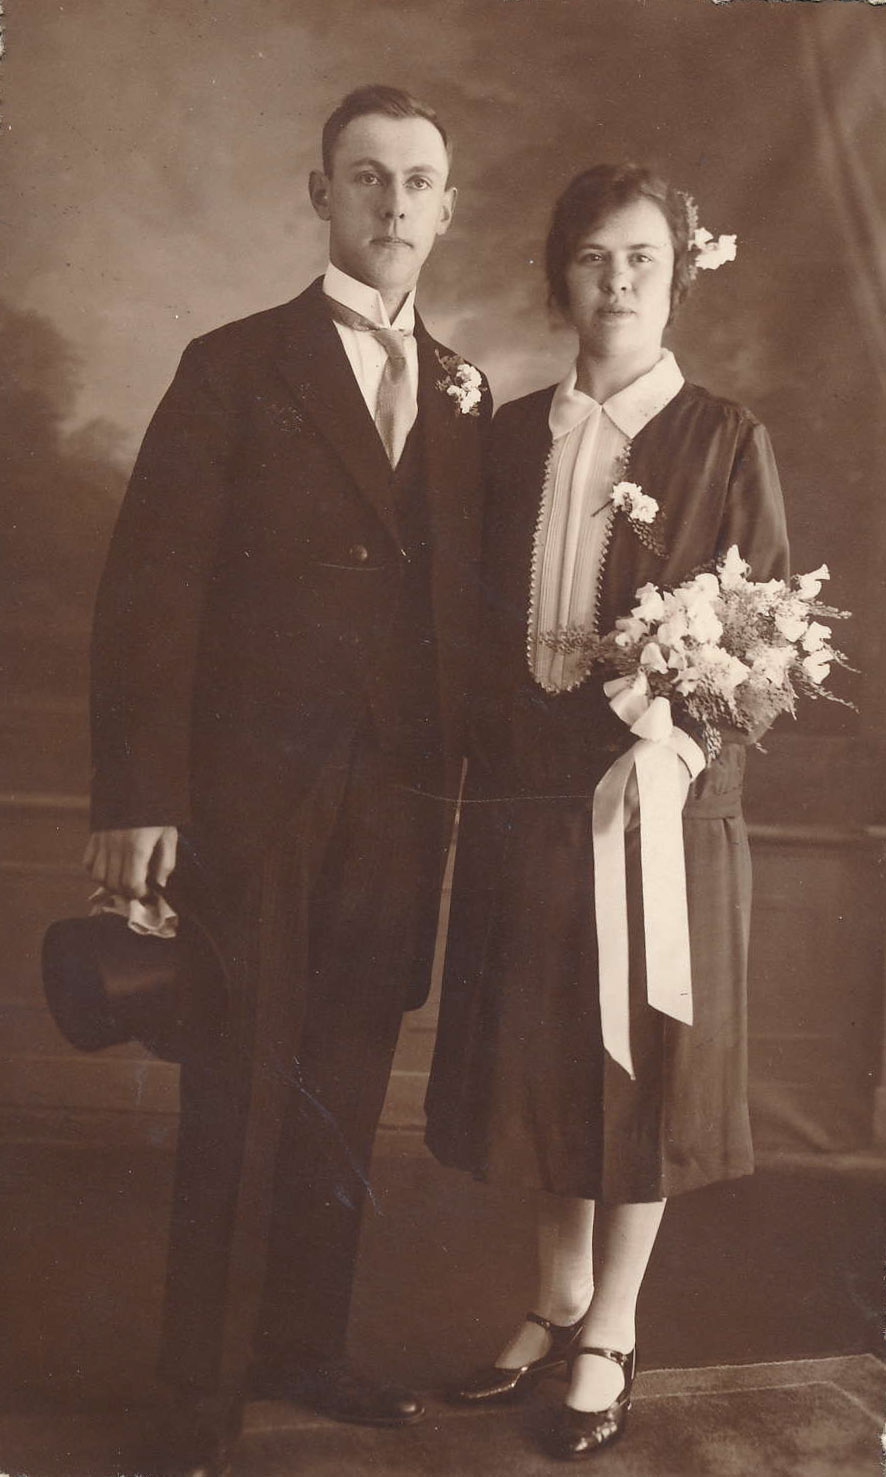 Fotoalbum Andre Kamsma, 008, 25 jierich houliksfeest, 05-06-1928 tot en met 05-06-1953